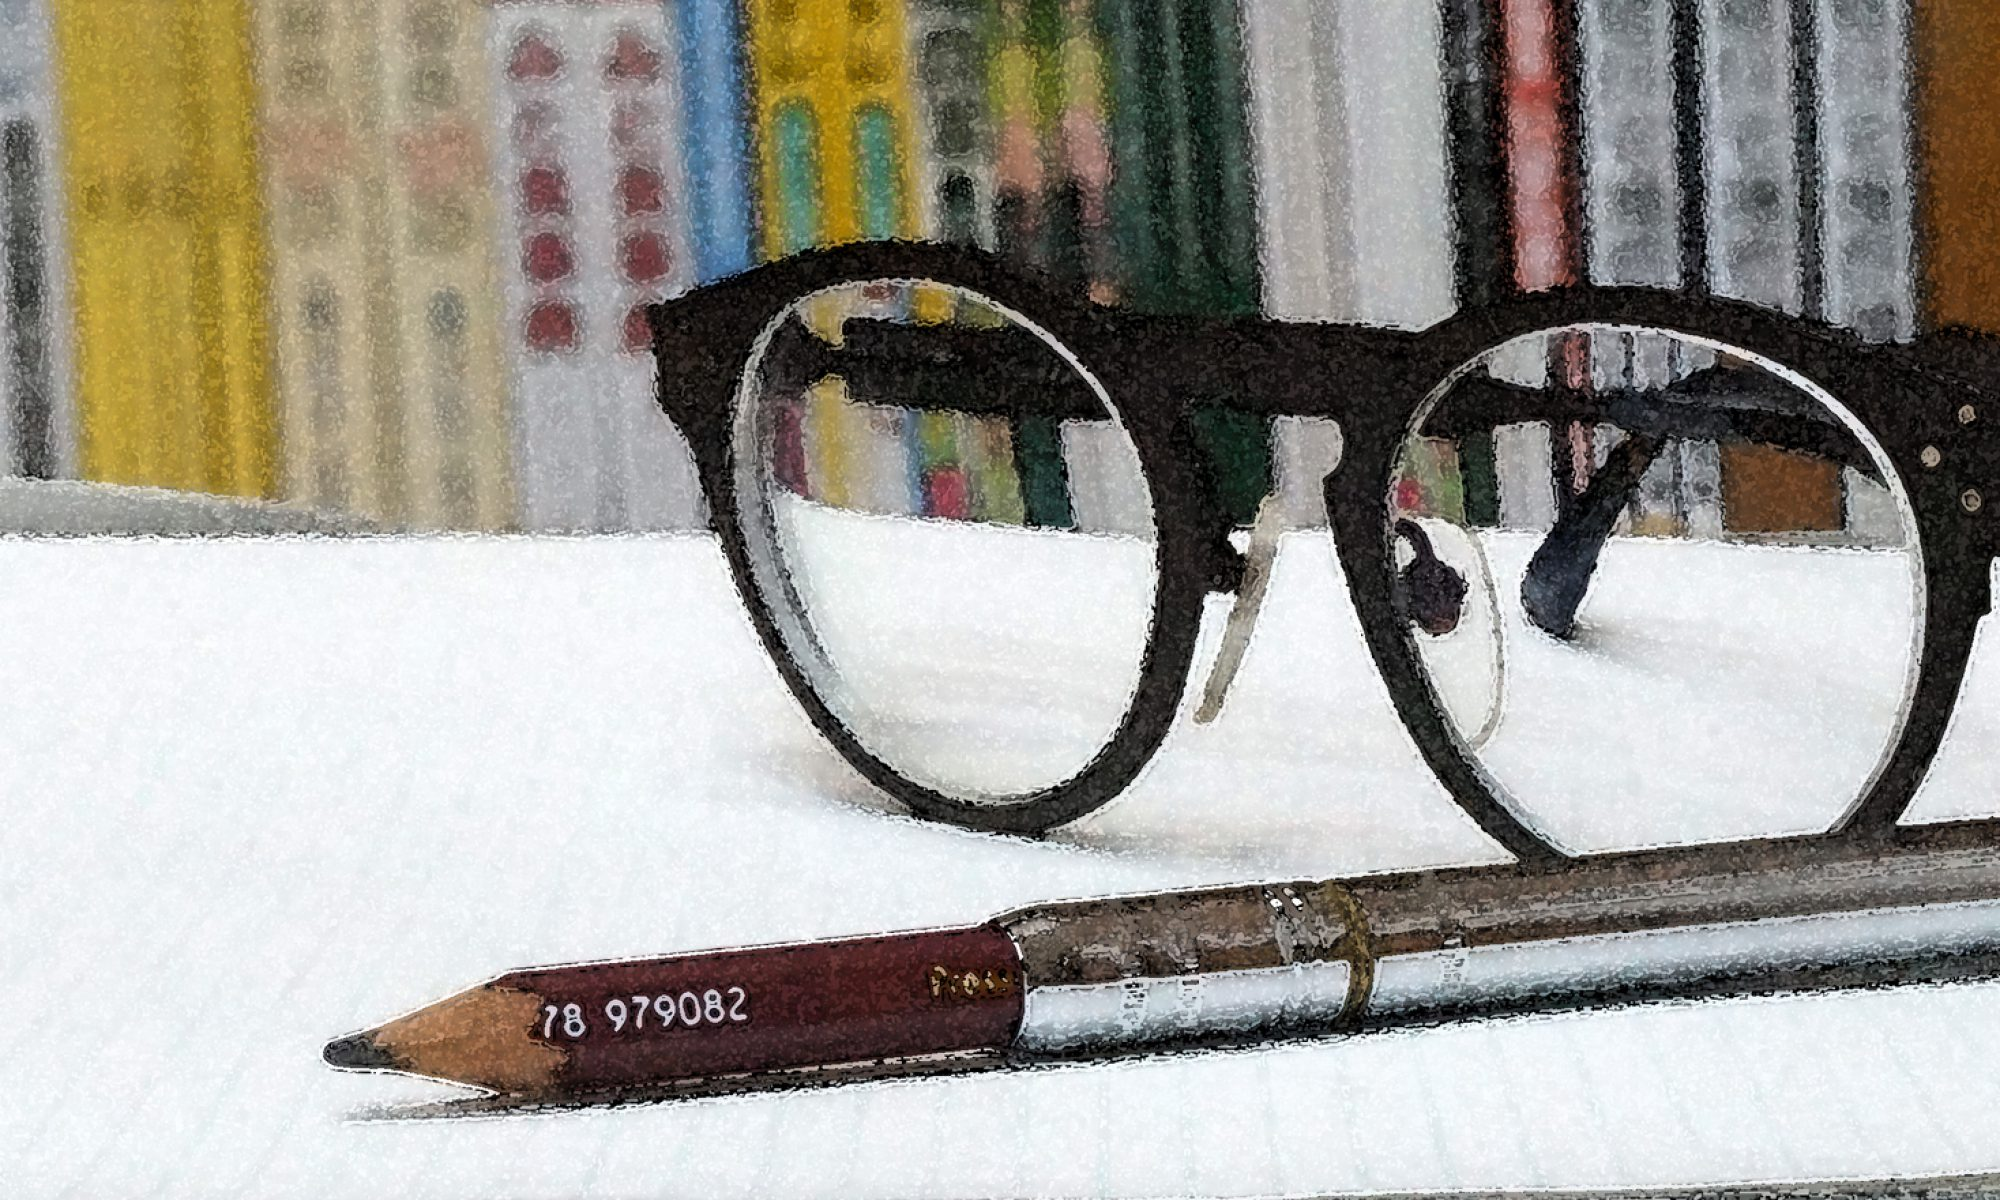 yui-books.com